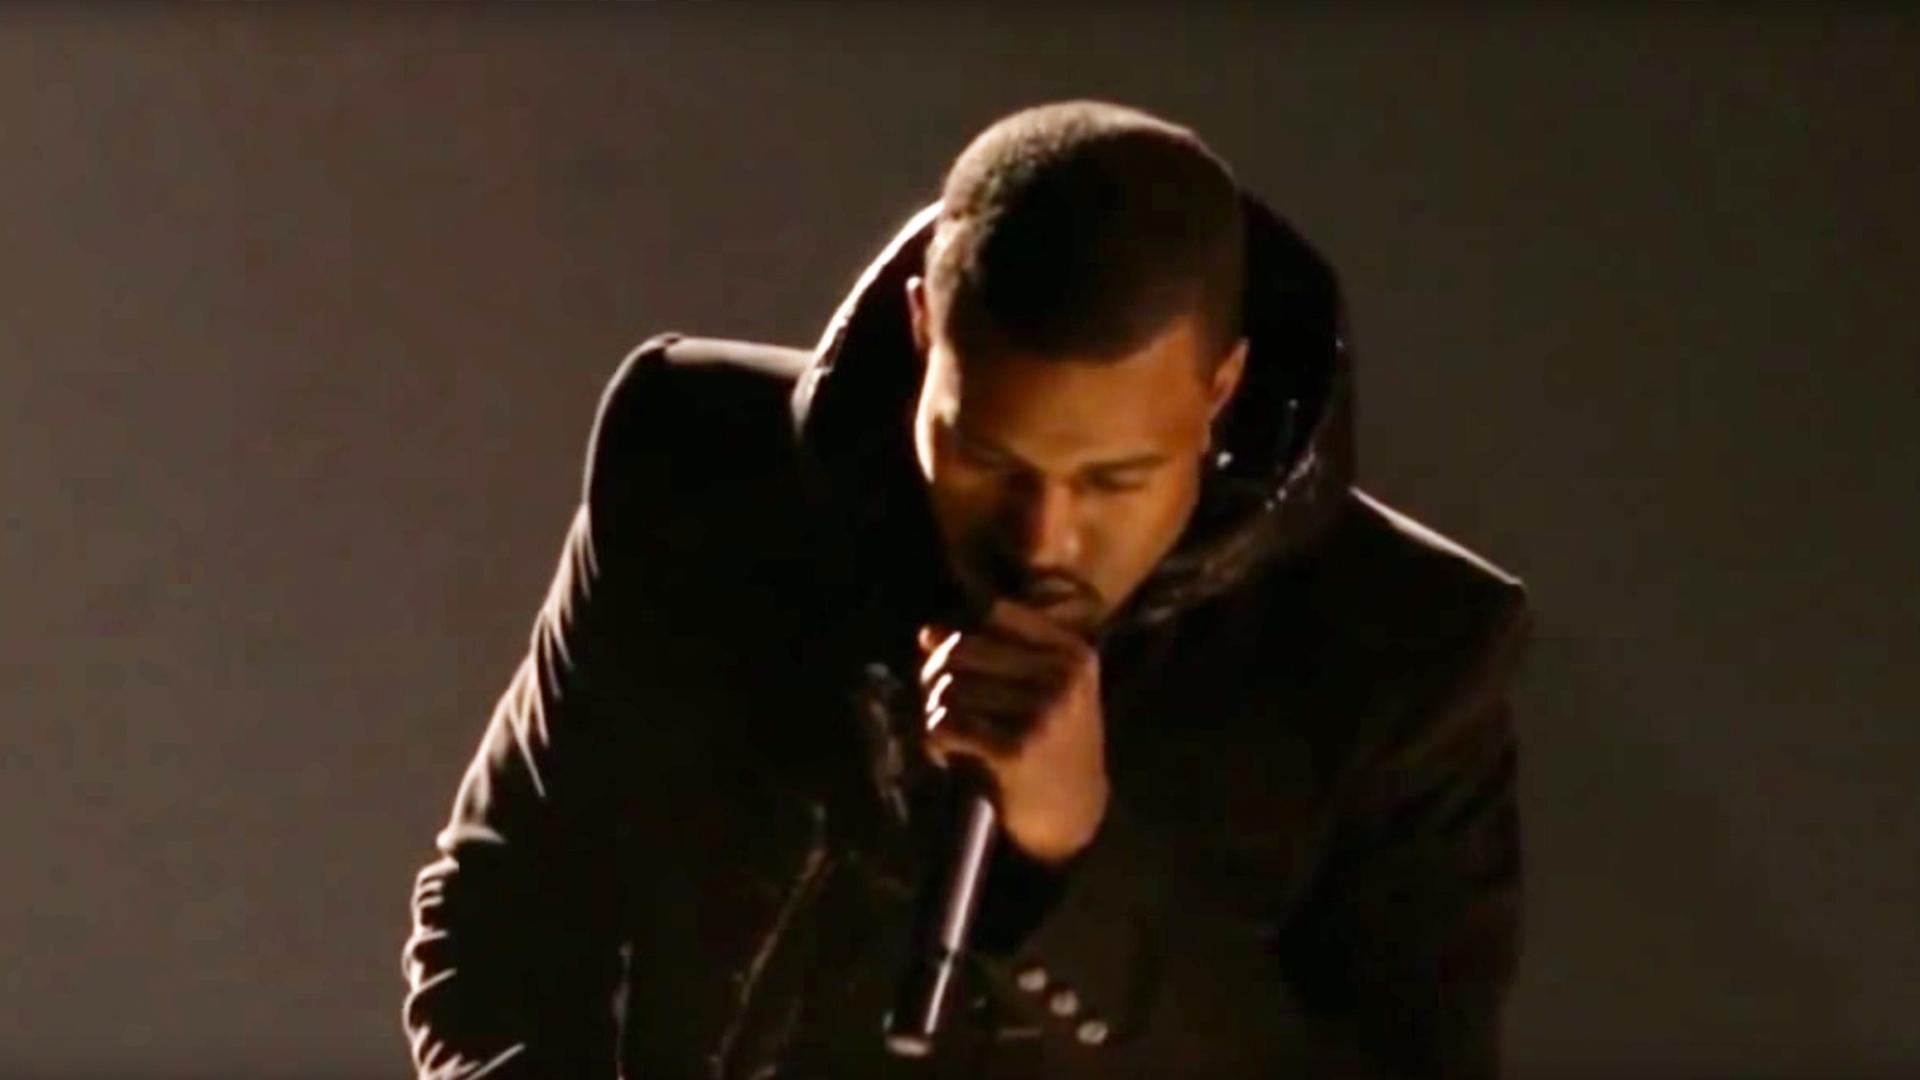 Kanye West Extends Saint Pablo Tour, Announces Shows in